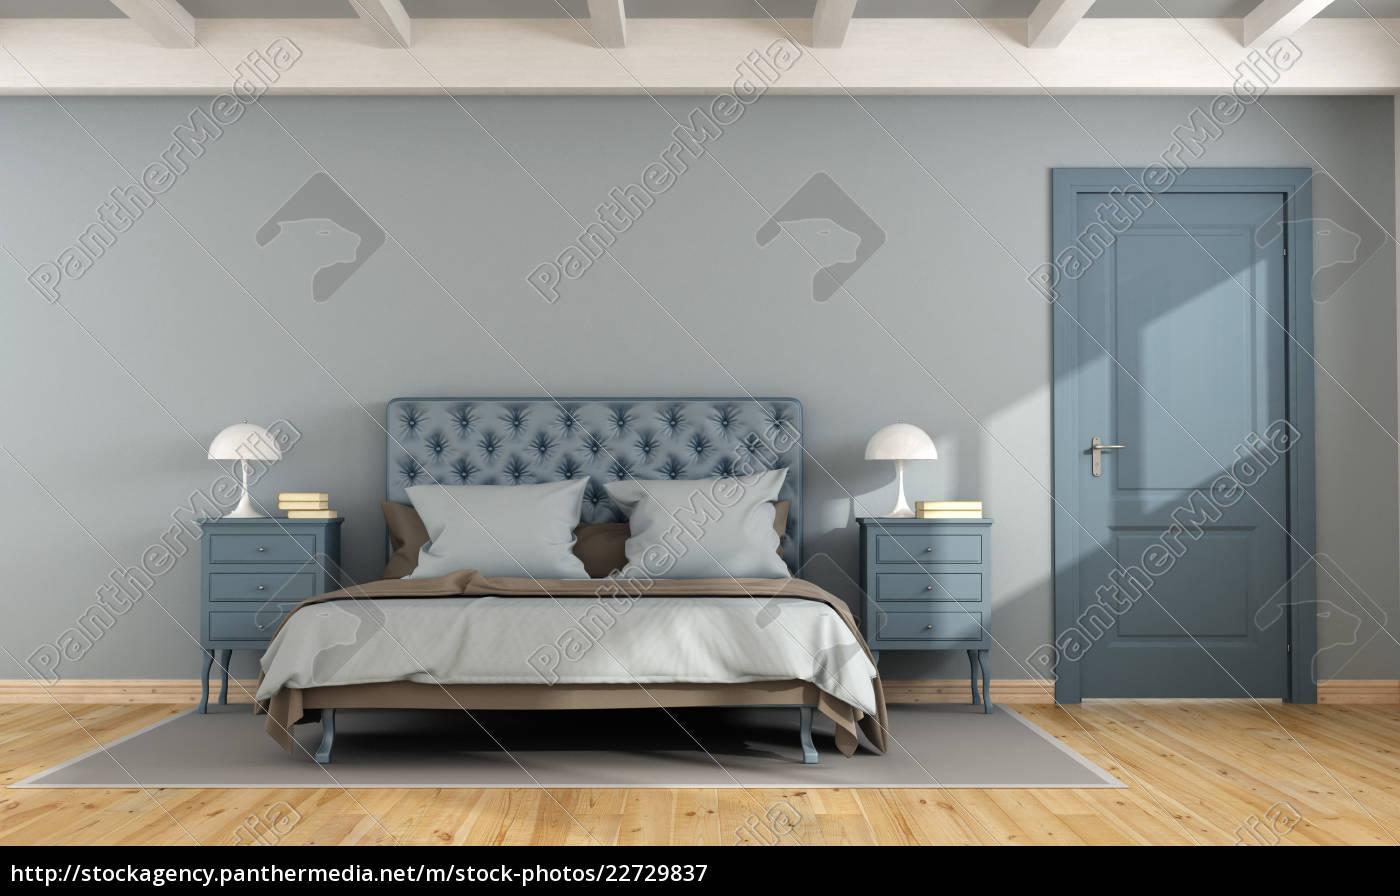 blue, master, bedroom - 22729837